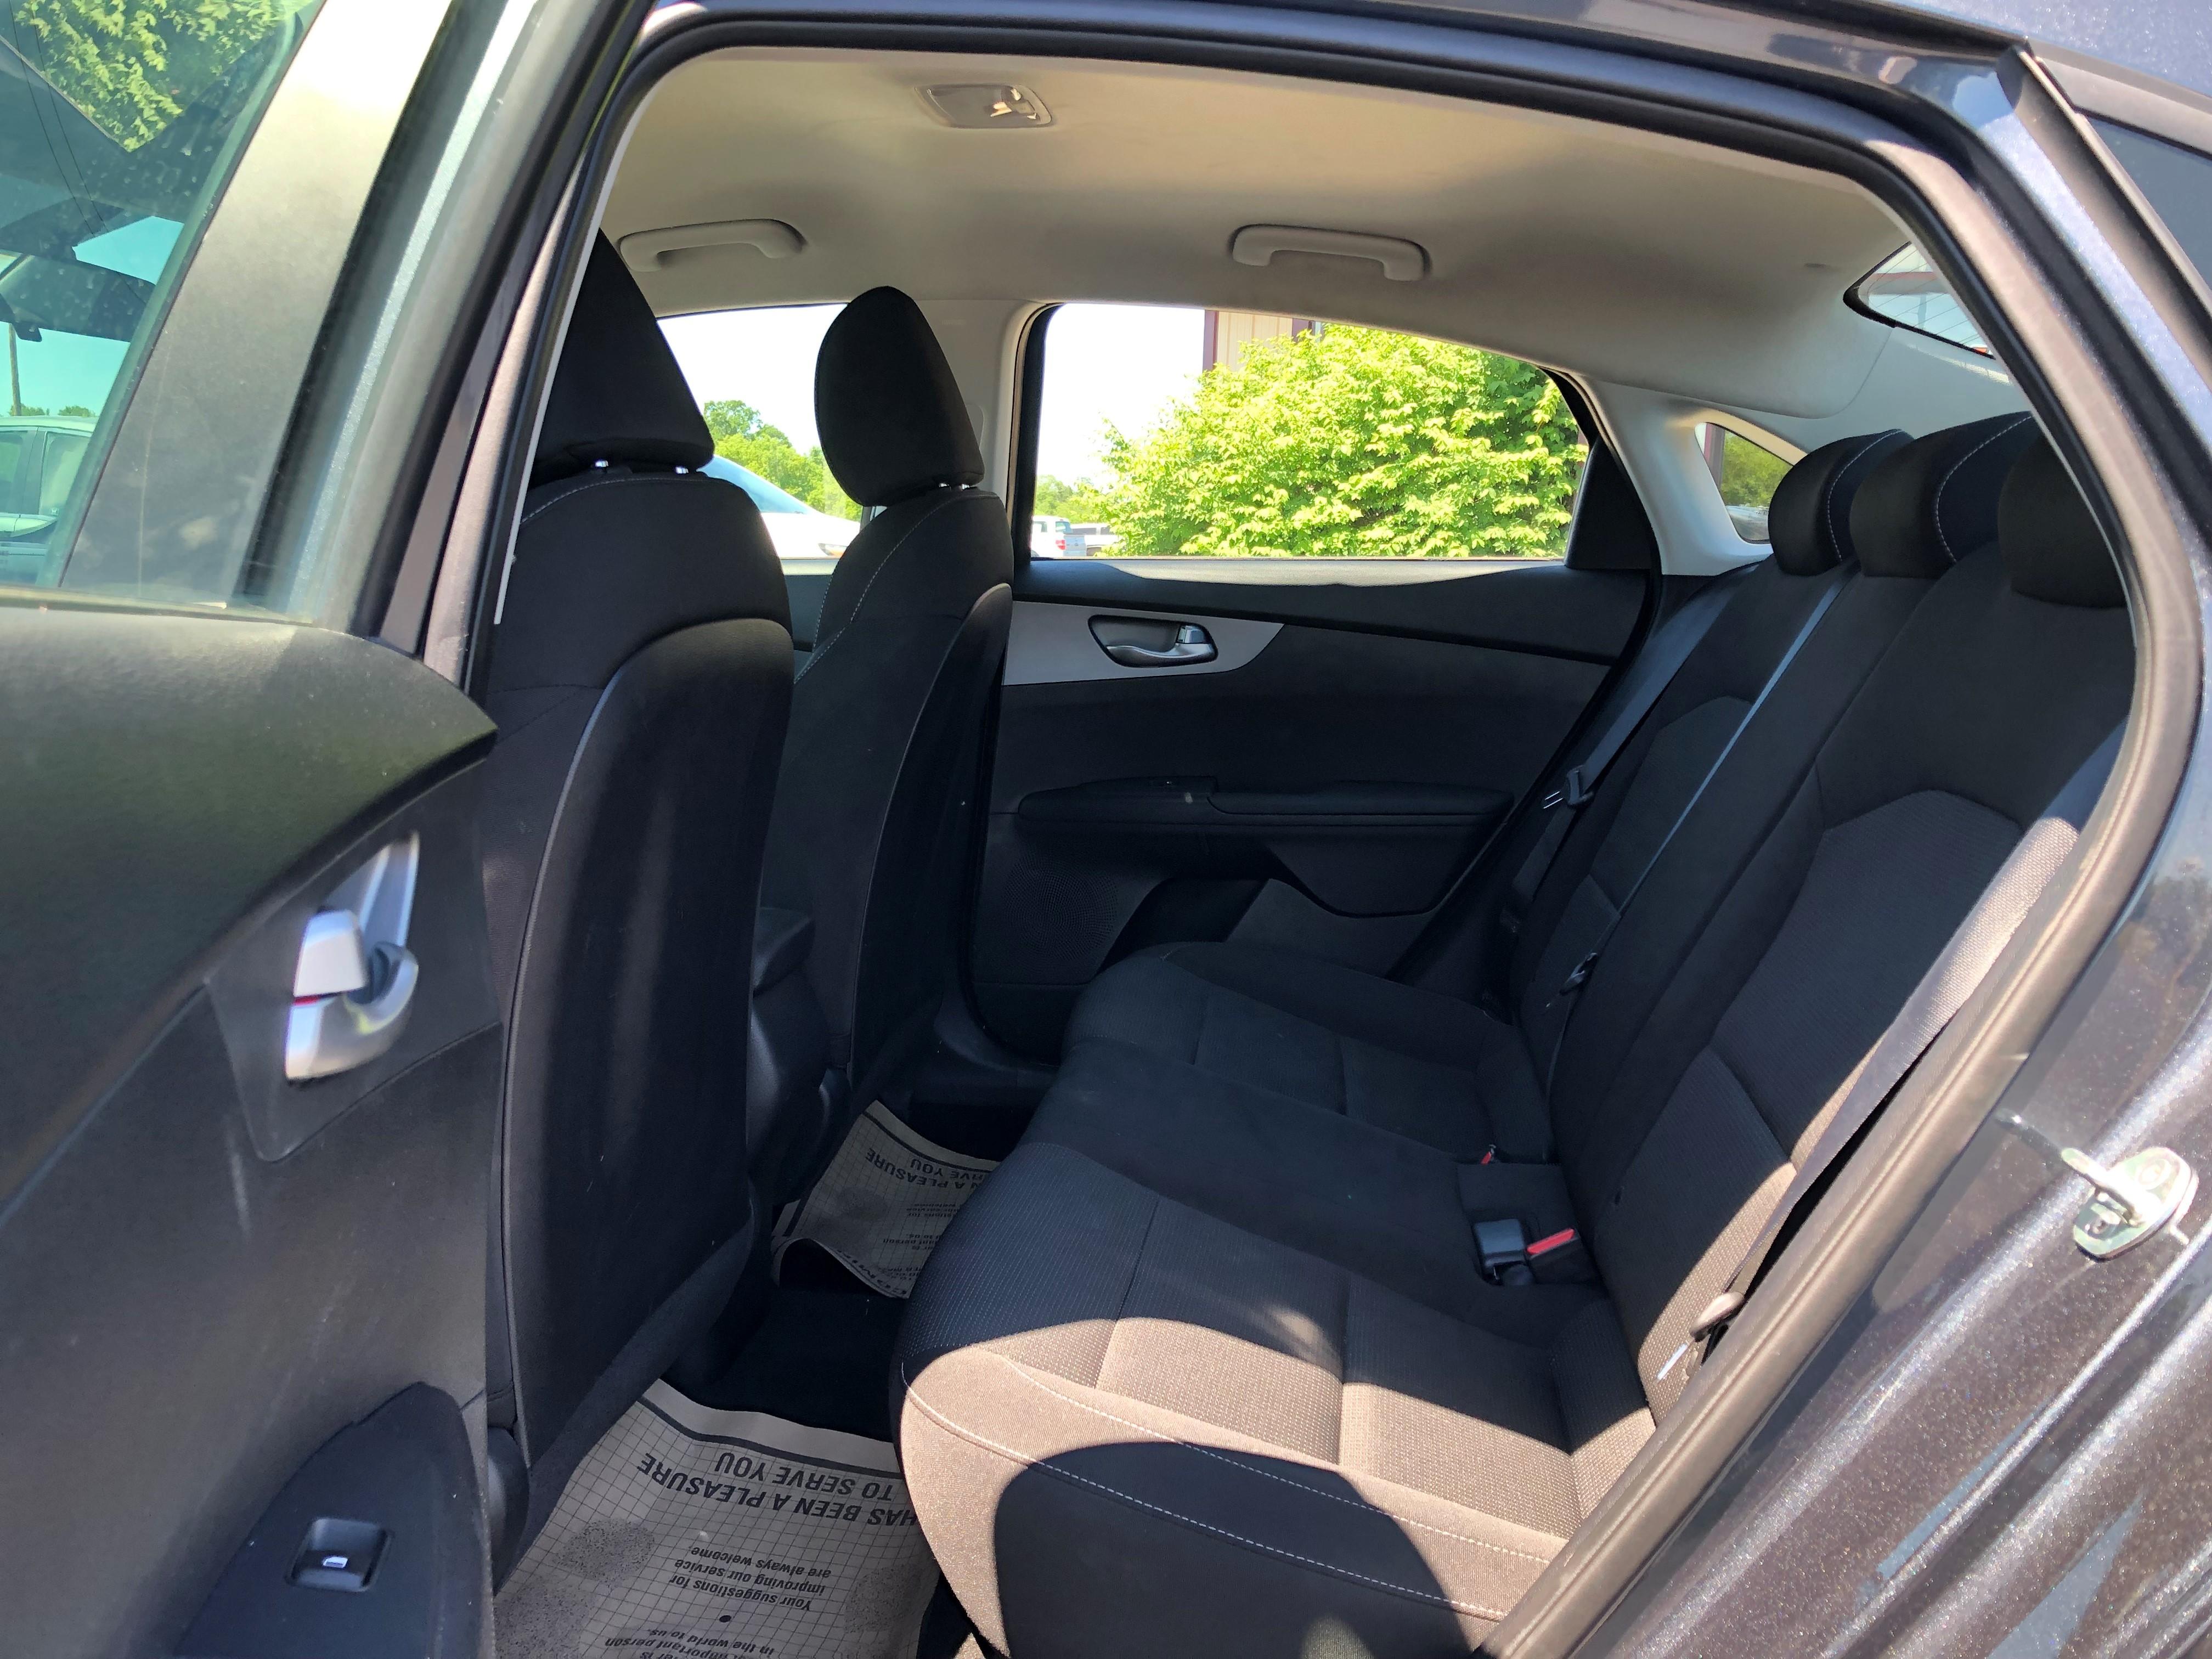 used vehicle - Sedan KIA FORTE 2019